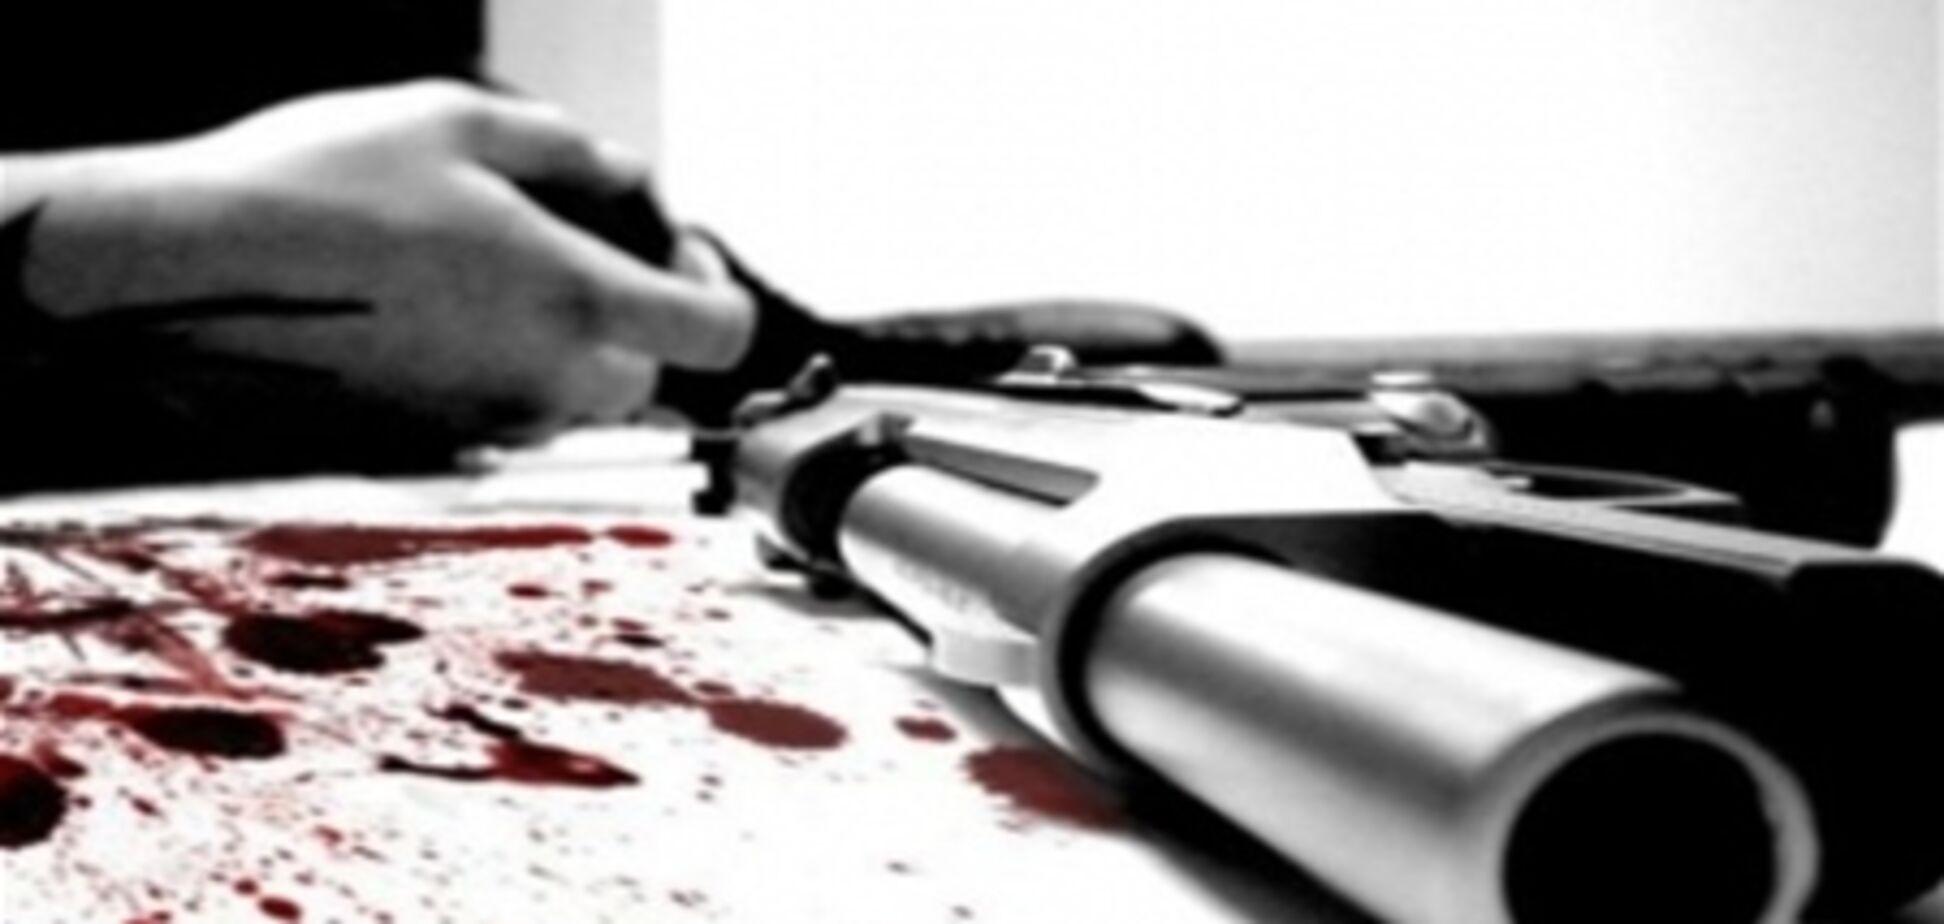 На Винниччине в летной учебке застрелился солдат-срочник